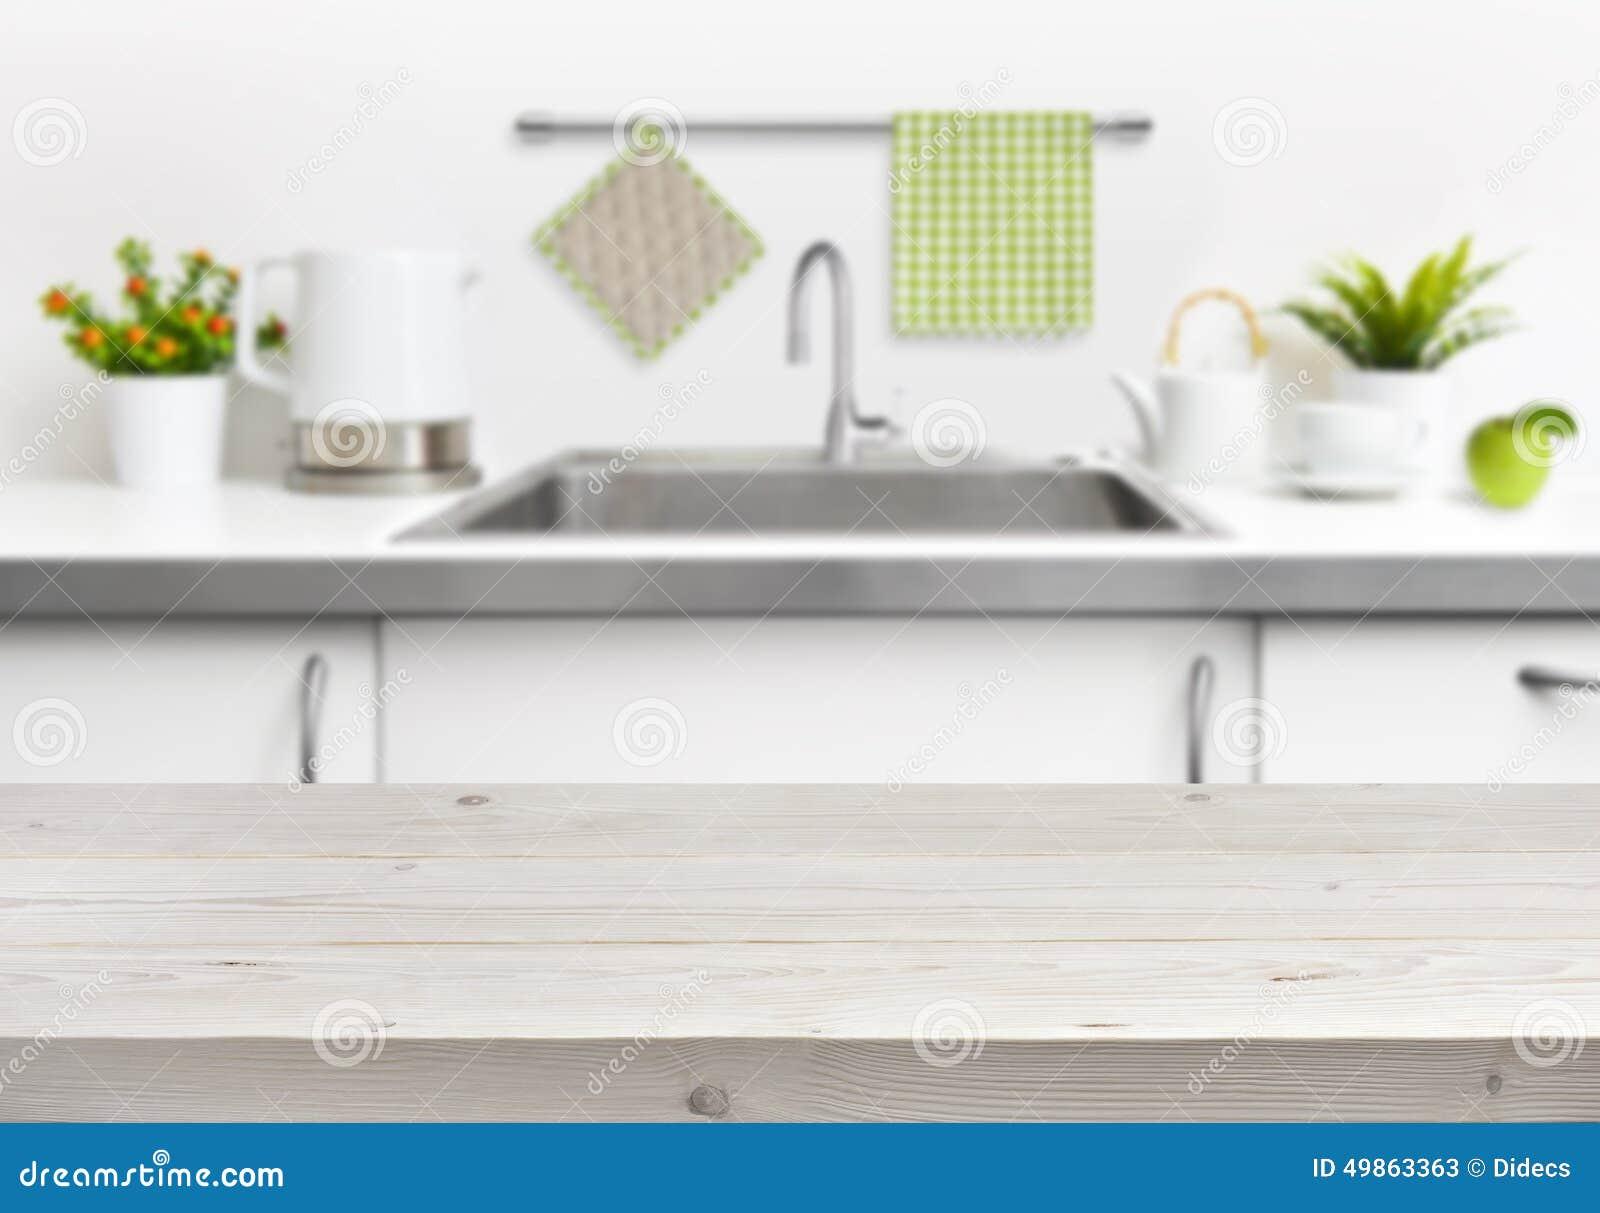 Drewniany stół na kuchennego zlew wnętrza tle